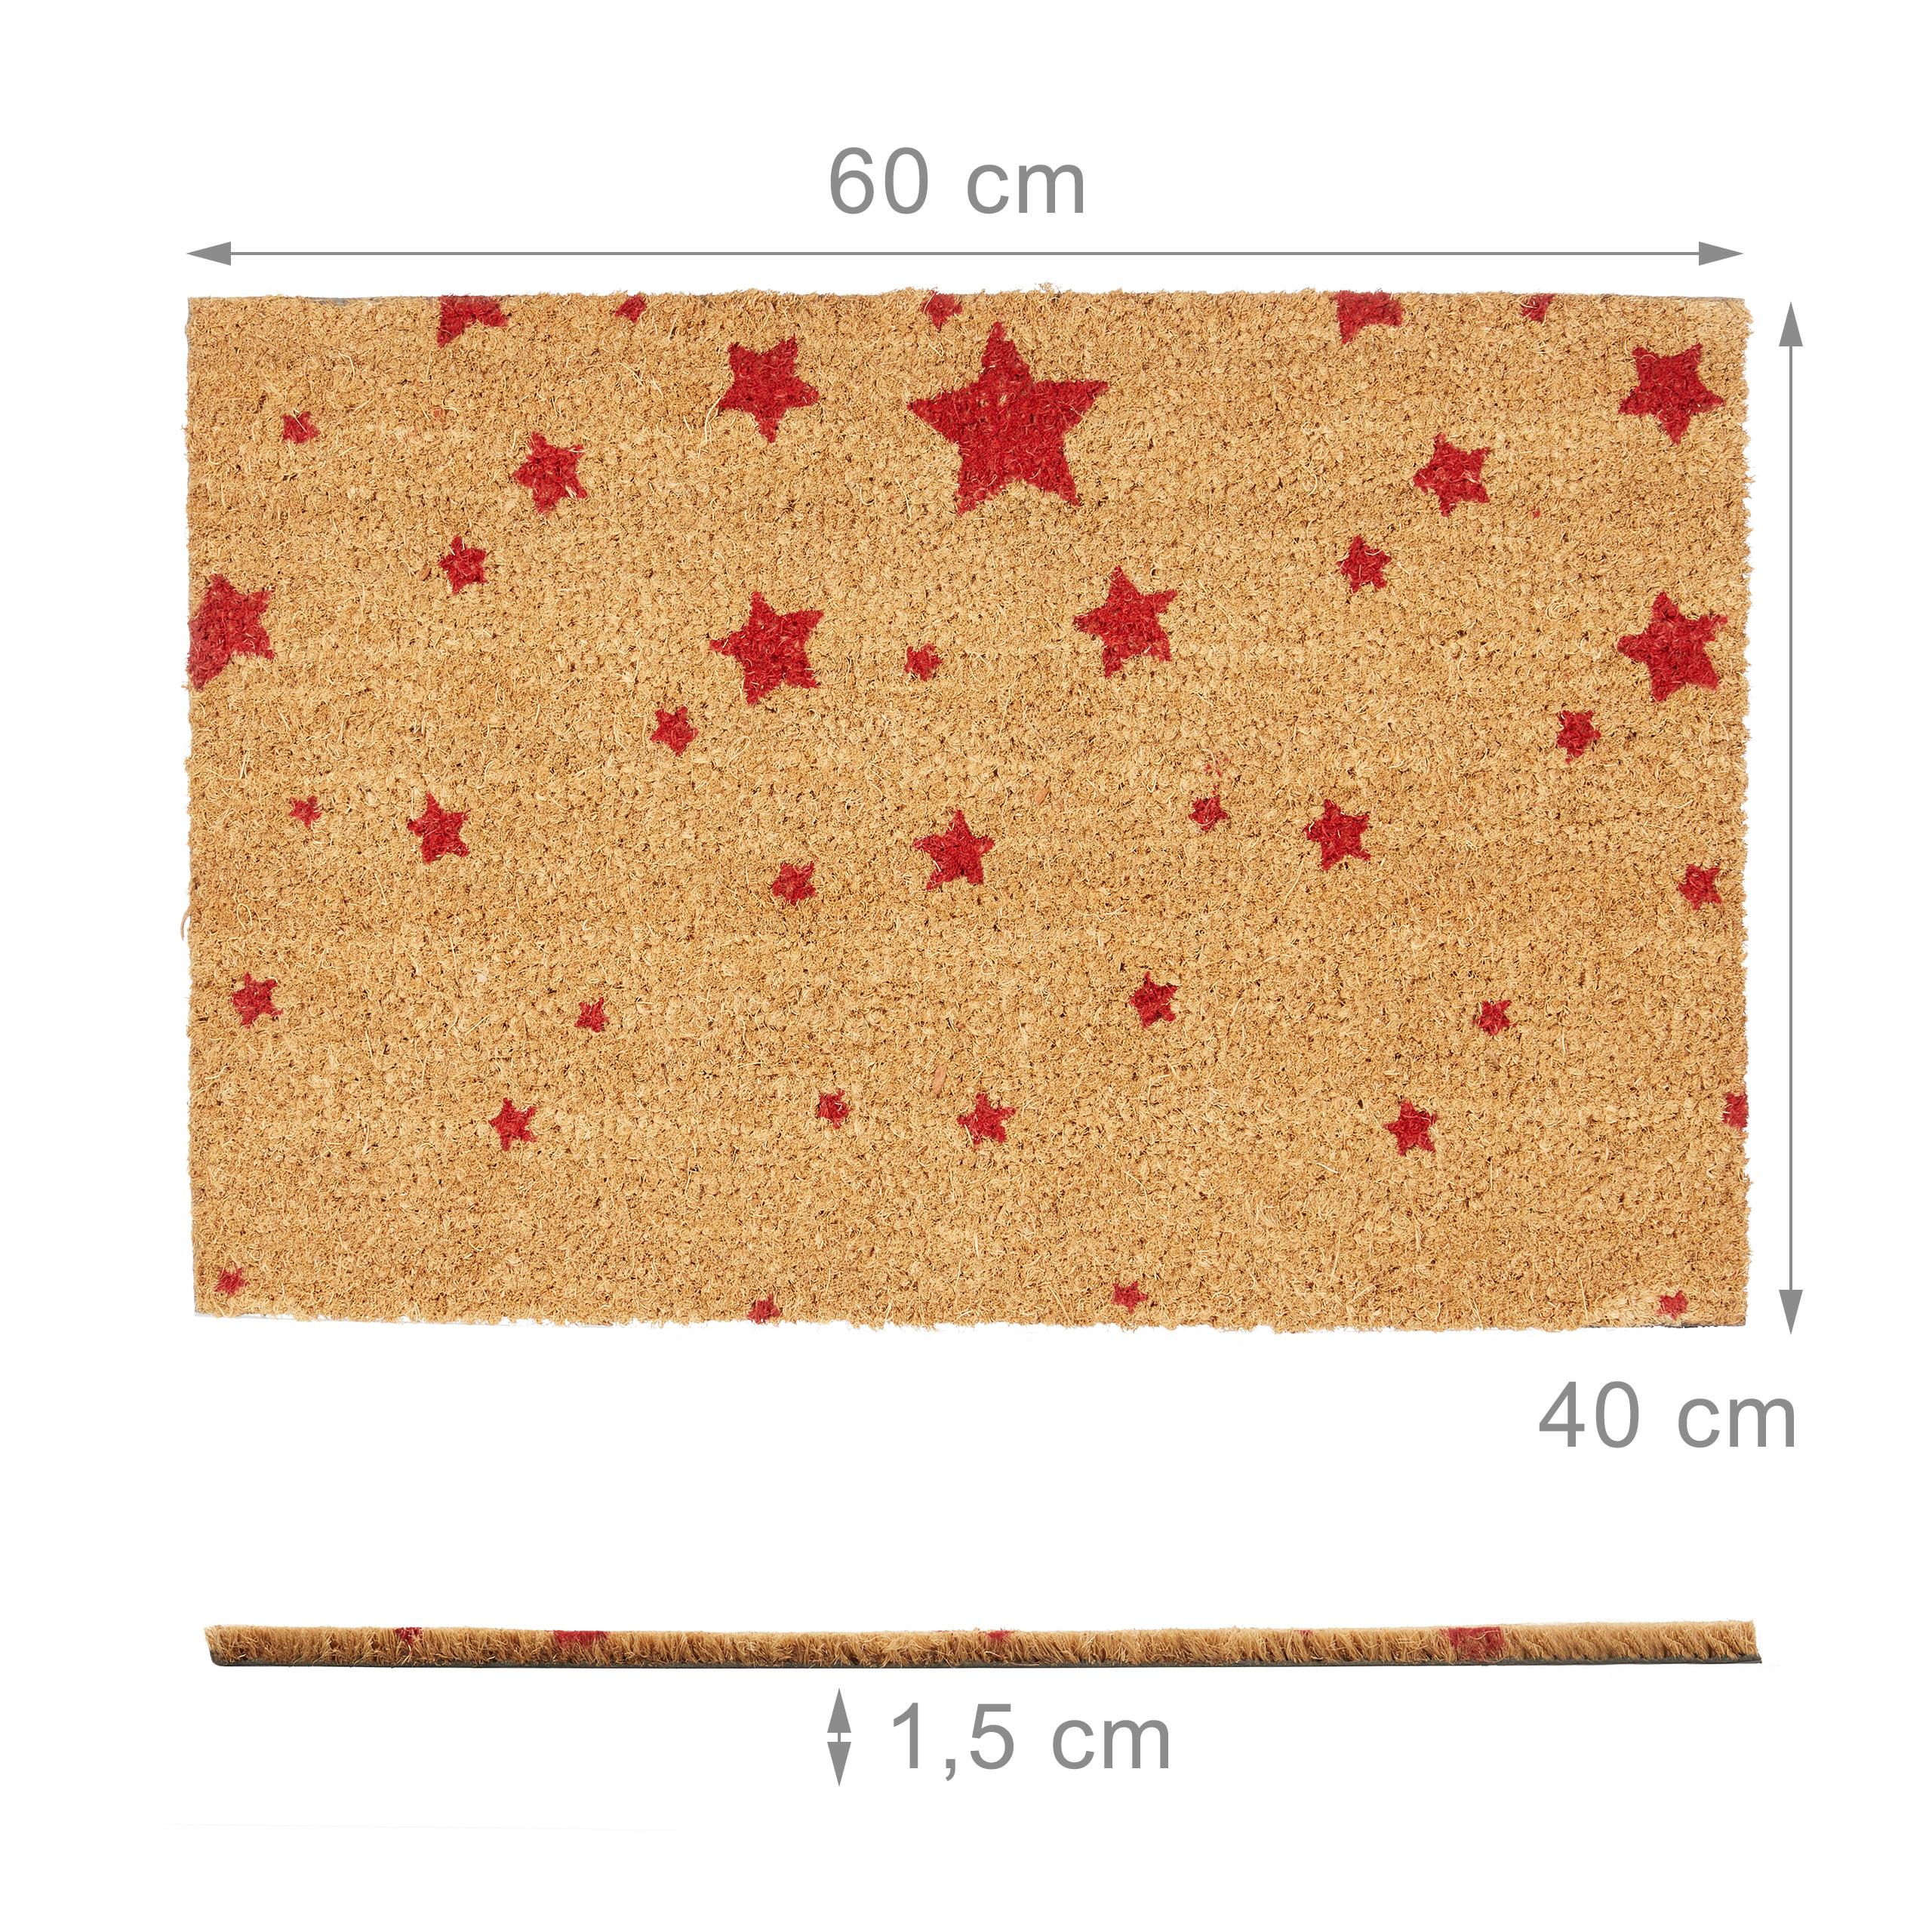 Indexbild 10 - Fußmatte Kokos Kokosmatte 60x40 STERNE Fußabtreter Schmutzmatte Türmatte natur